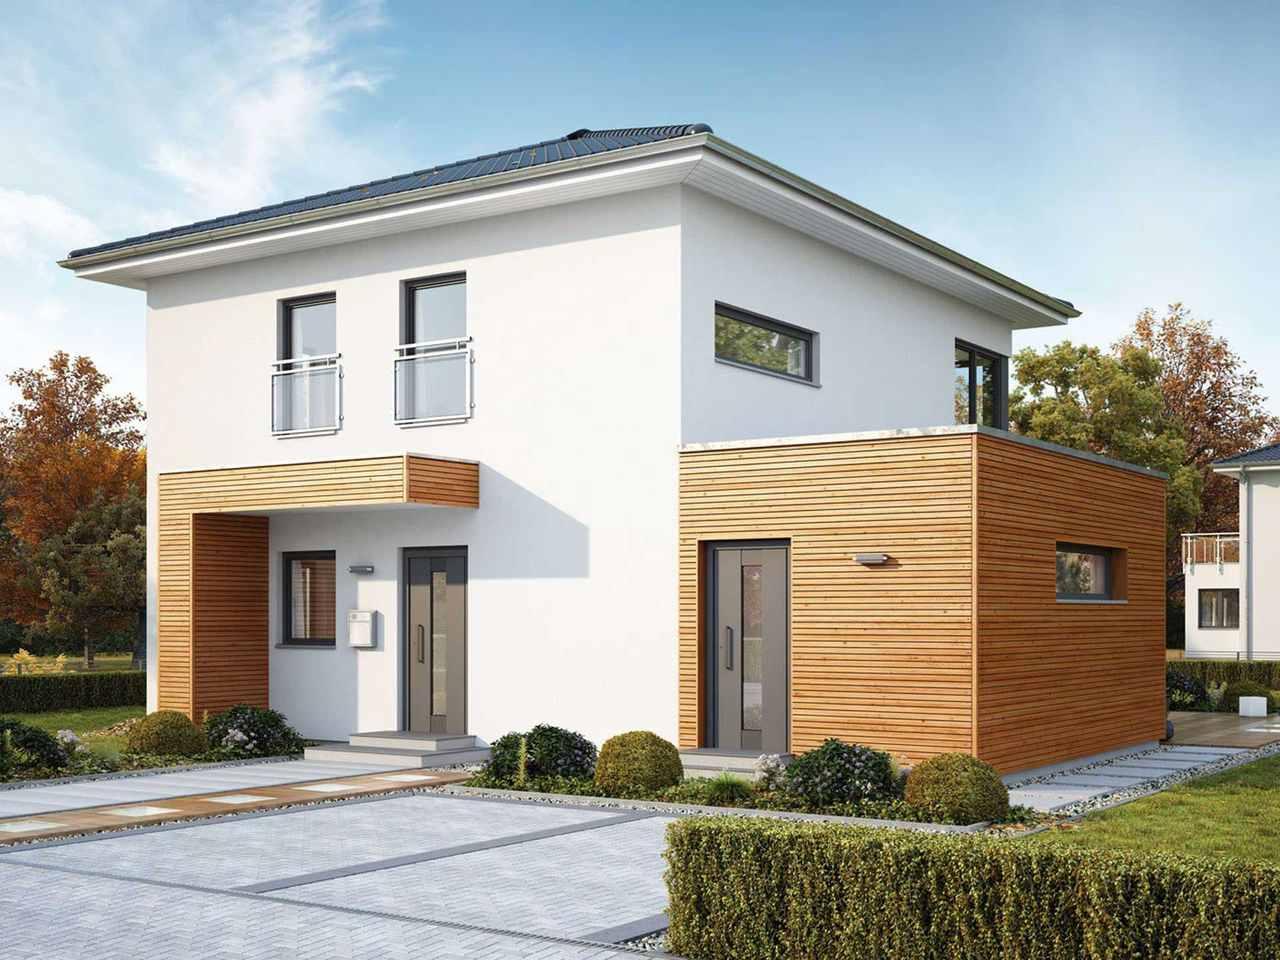 Stadtvilla ModernStyle 143 W Hauptansicht